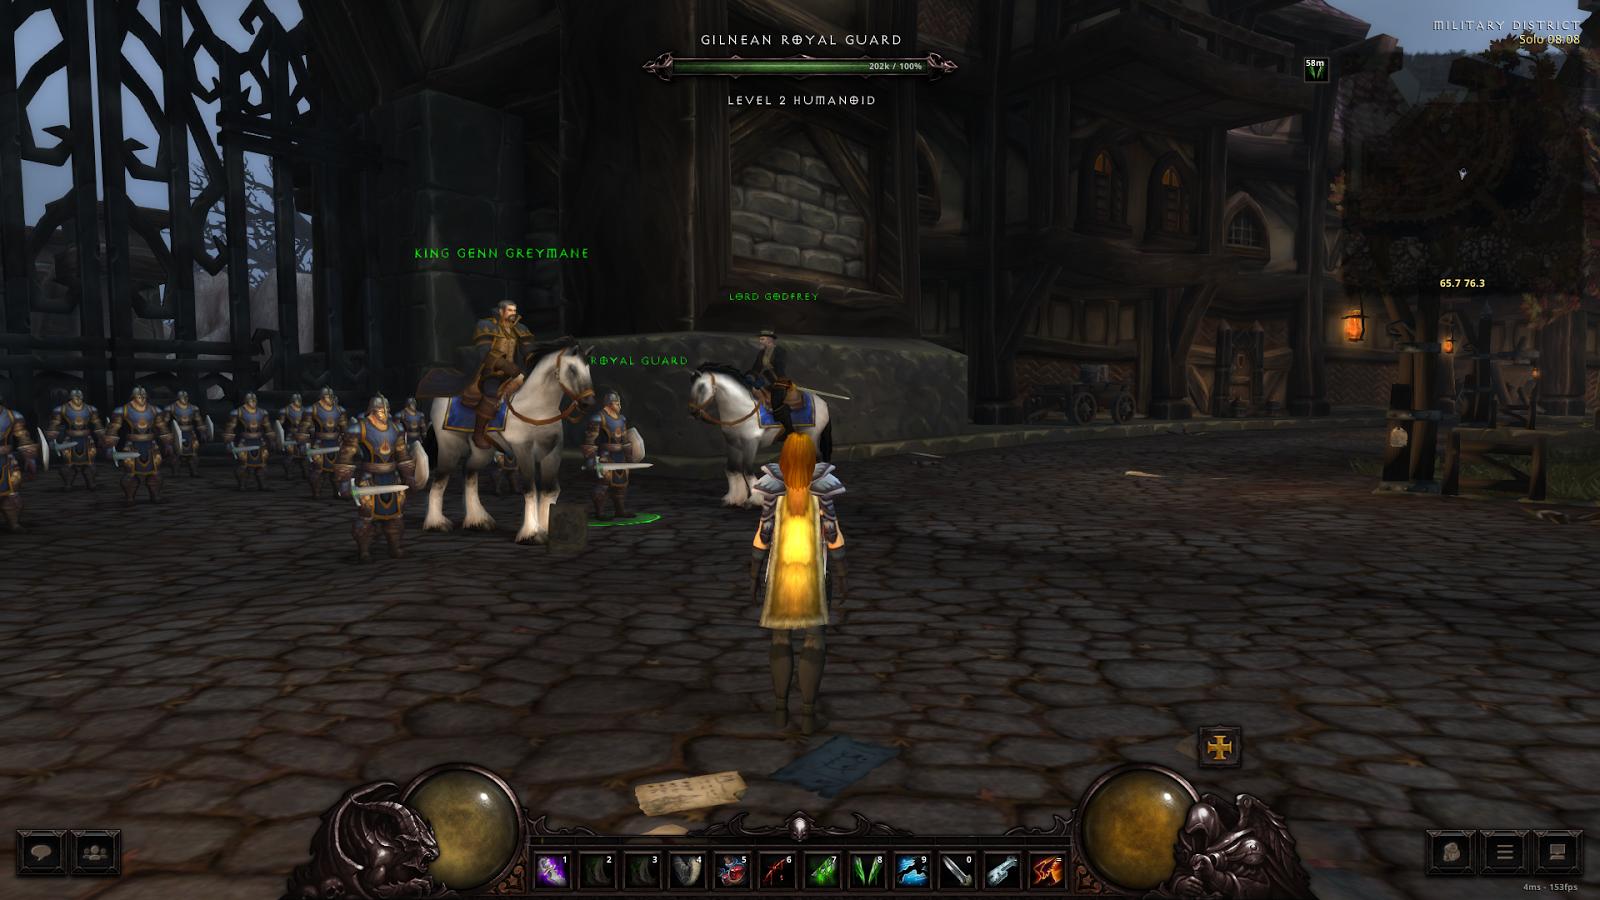 魔獸世界單機版 : 軍臨天下 v7.3.2 | 中文版免費下載 | World of Warcraft Single